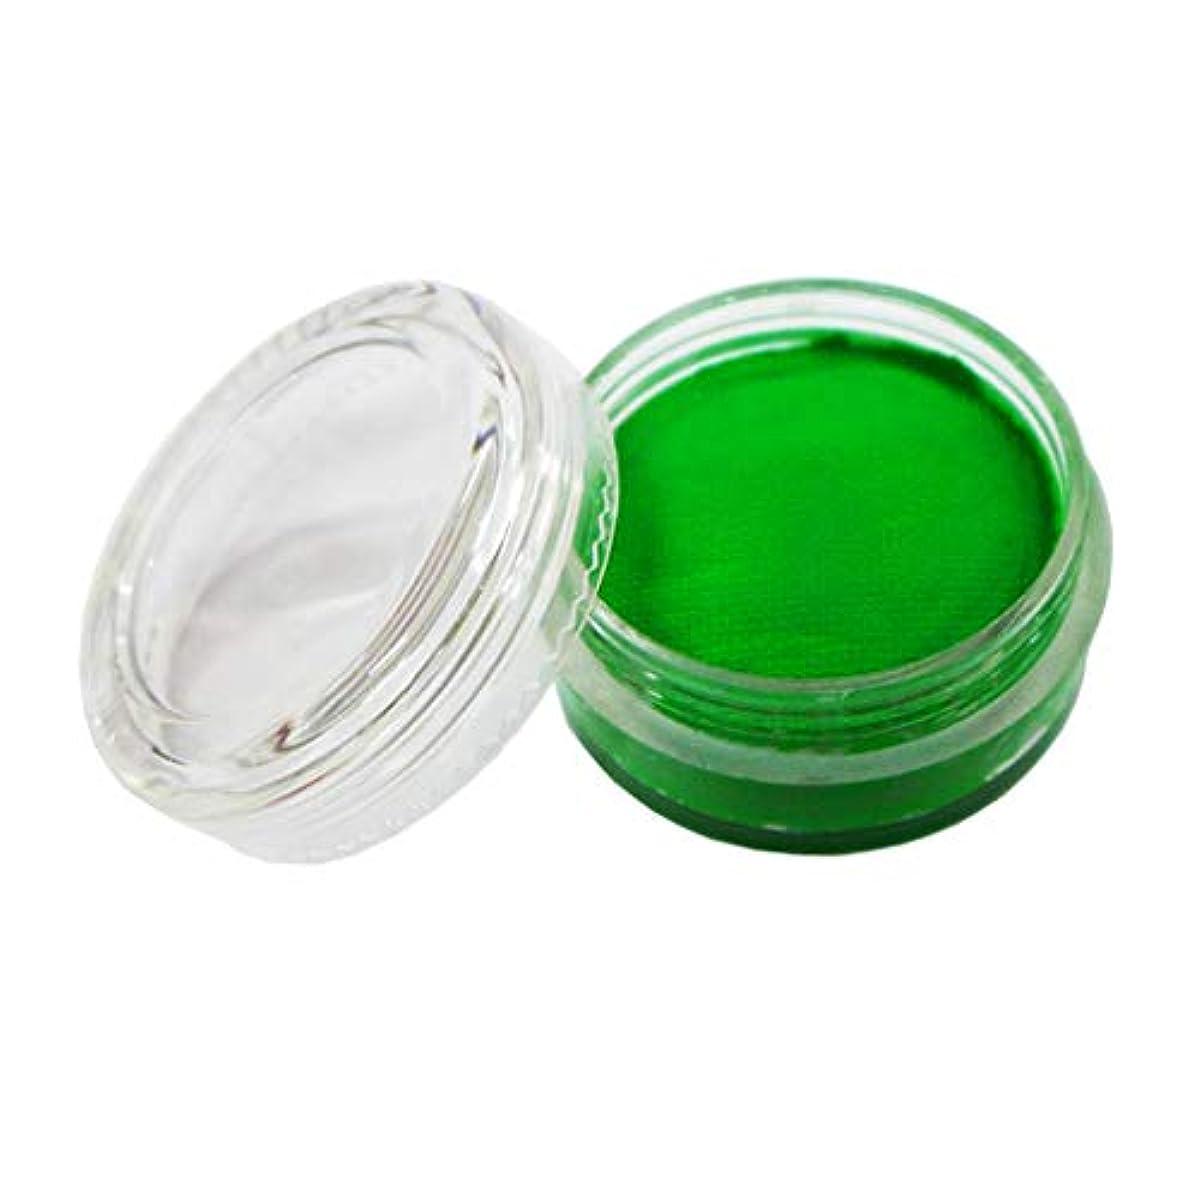 経歴おびえた魔法パーティー 塗料 顔料 蛍光 水ベース ボディペイント ステージメイクアップ コスチューム 緑, 35mm